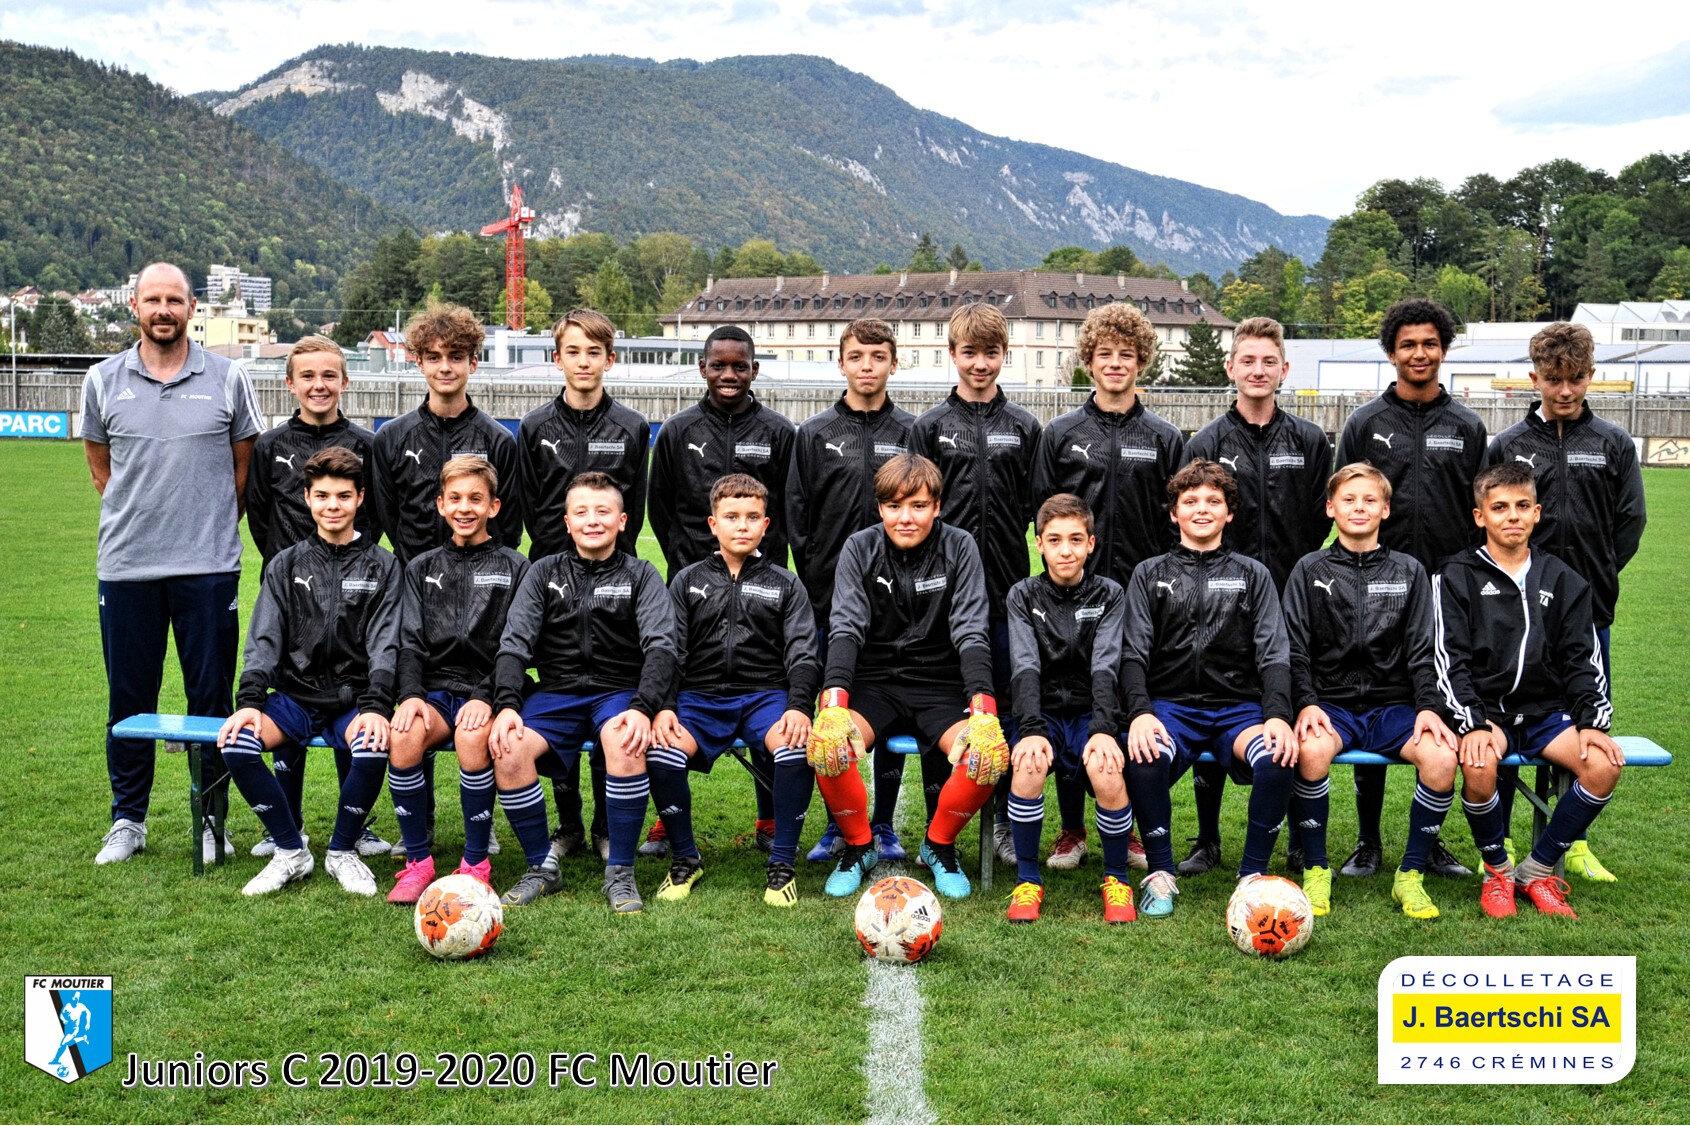 Juniors C 2019-2020 FC Moutier